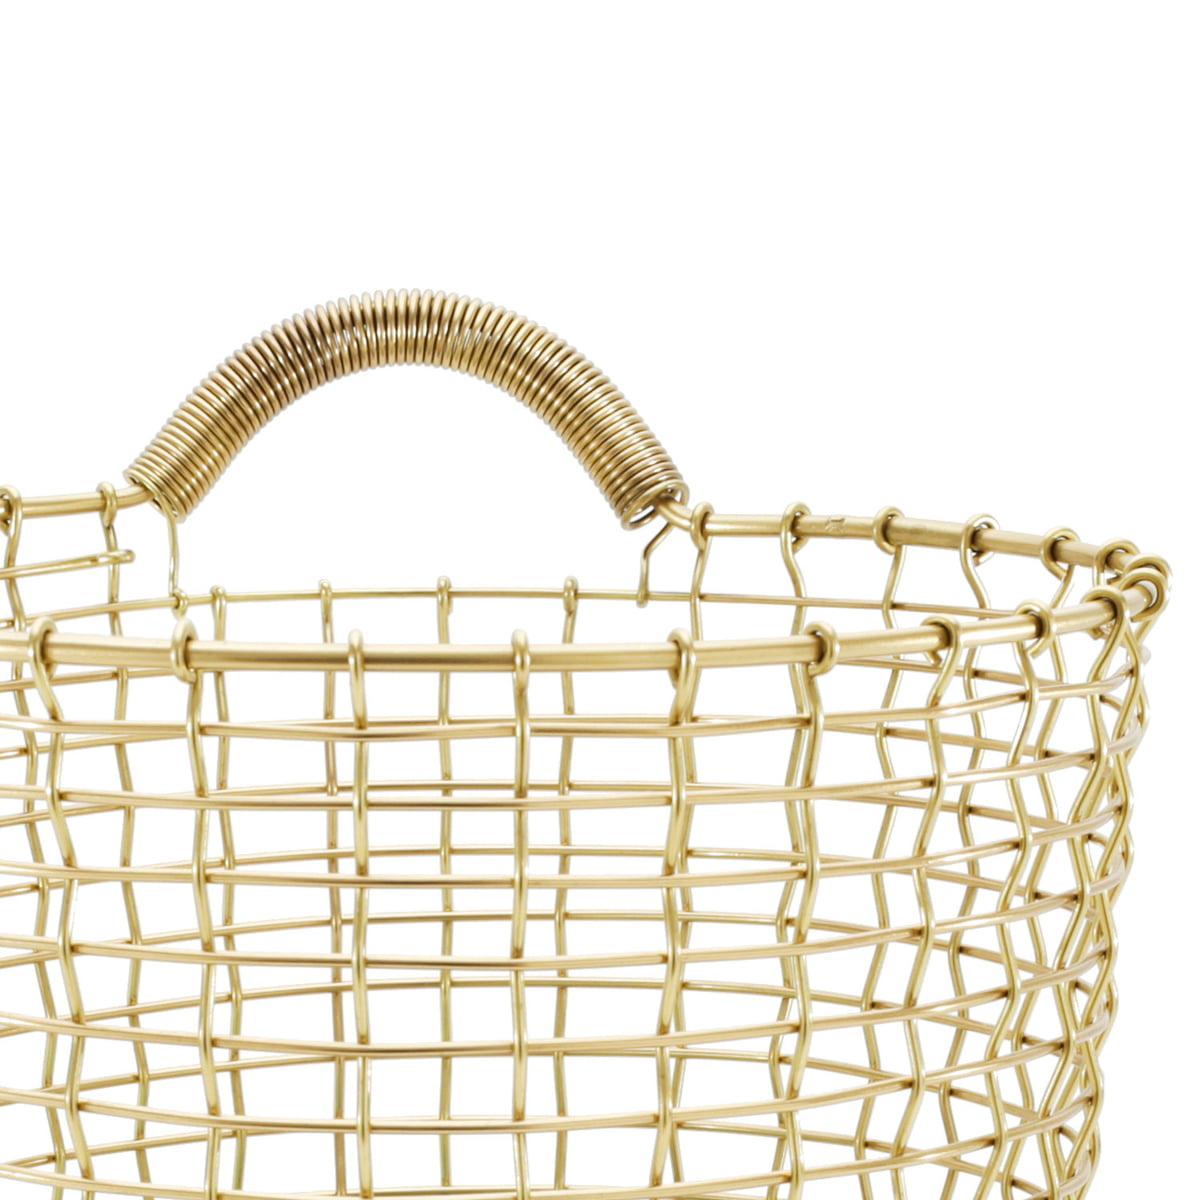 Drahtkorb Bin 18 von Korbo im Shop kaufen